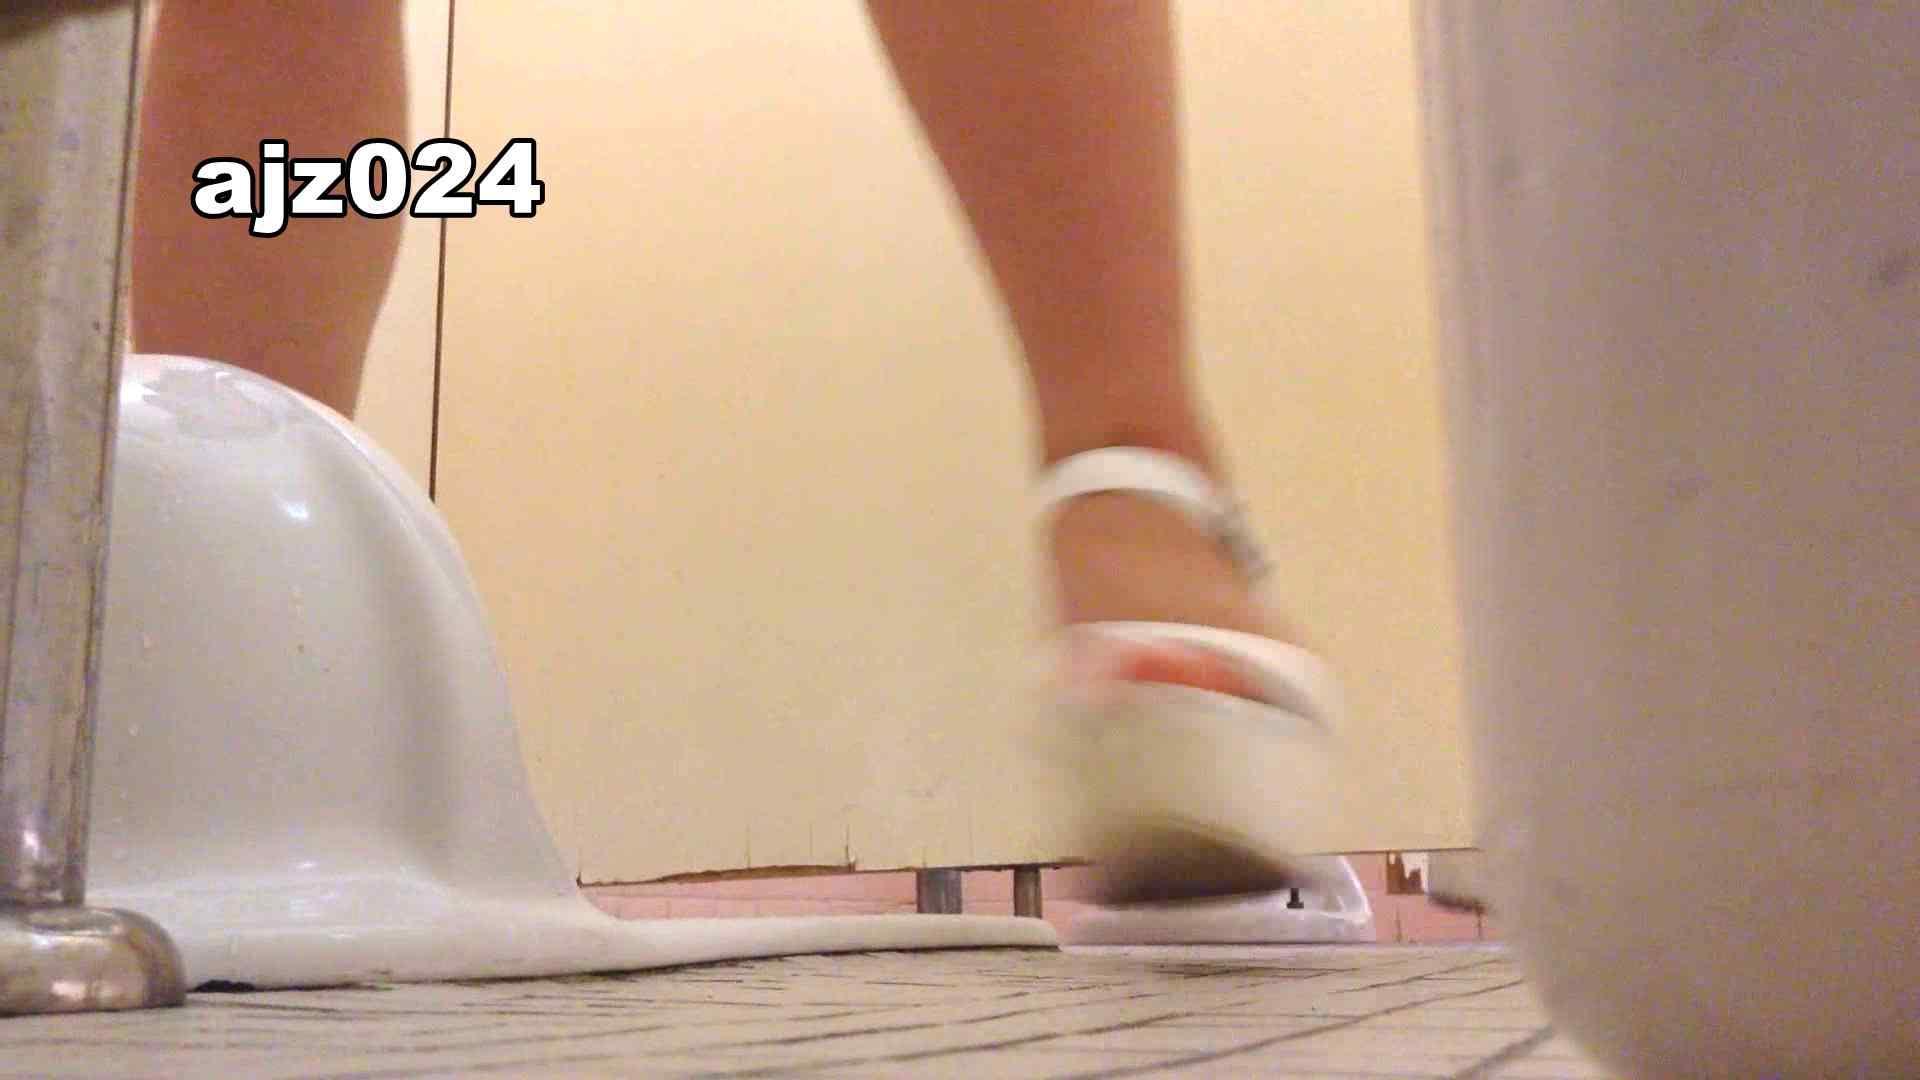 某有名大学女性洗面所 vol.24 潜入  56PIX 54